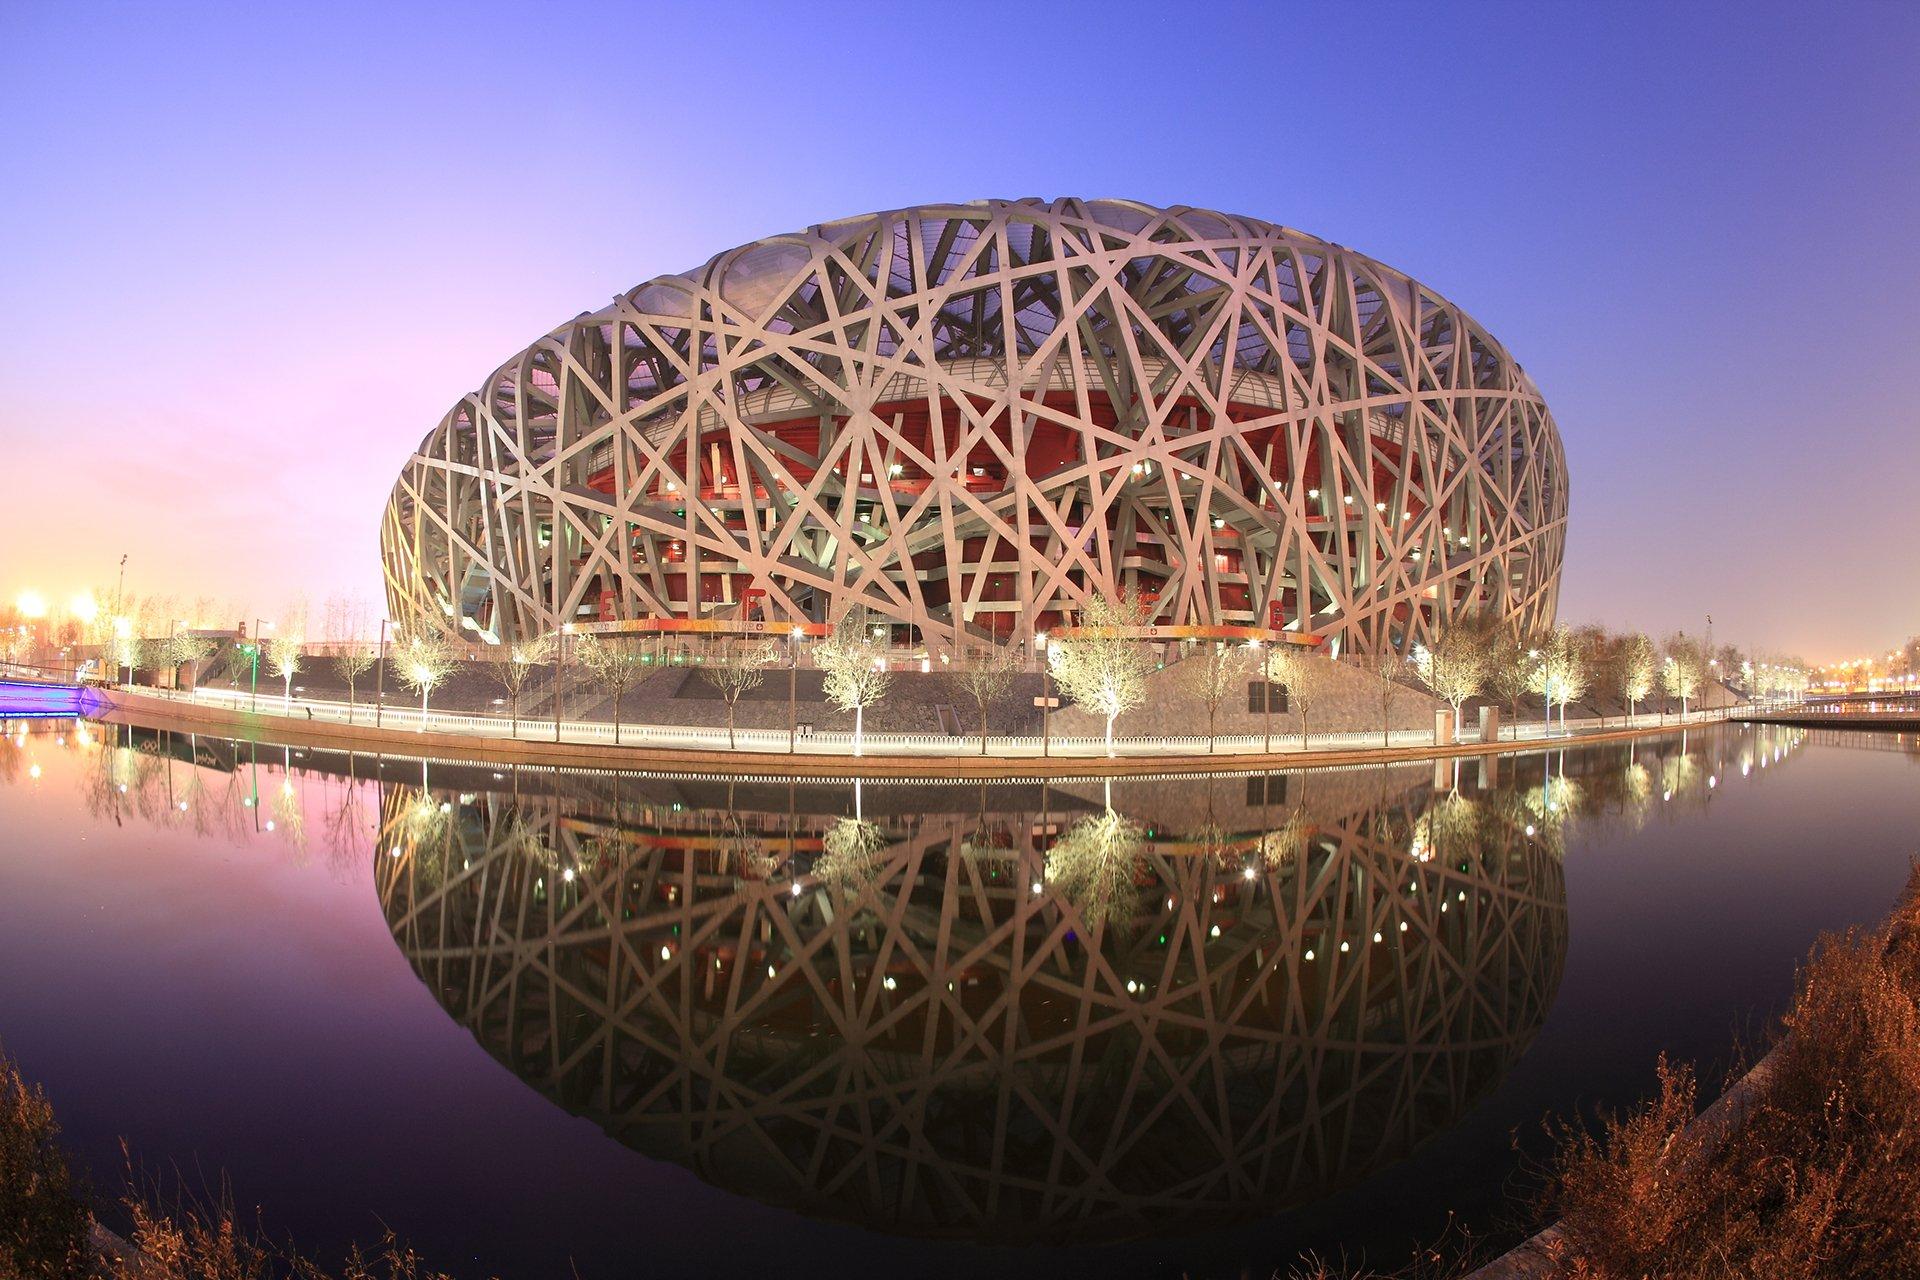 Nido de Pájaron (Pekín, China). El estadio nacional de Pekín es una de las mayores construcciones deportivas. Con 330 metros de largo, 220 de ancho y 69 de altura, está equipado con un sistema de energía solar y de recogida de agua de lluvia para su limpieza y el riego de su césped